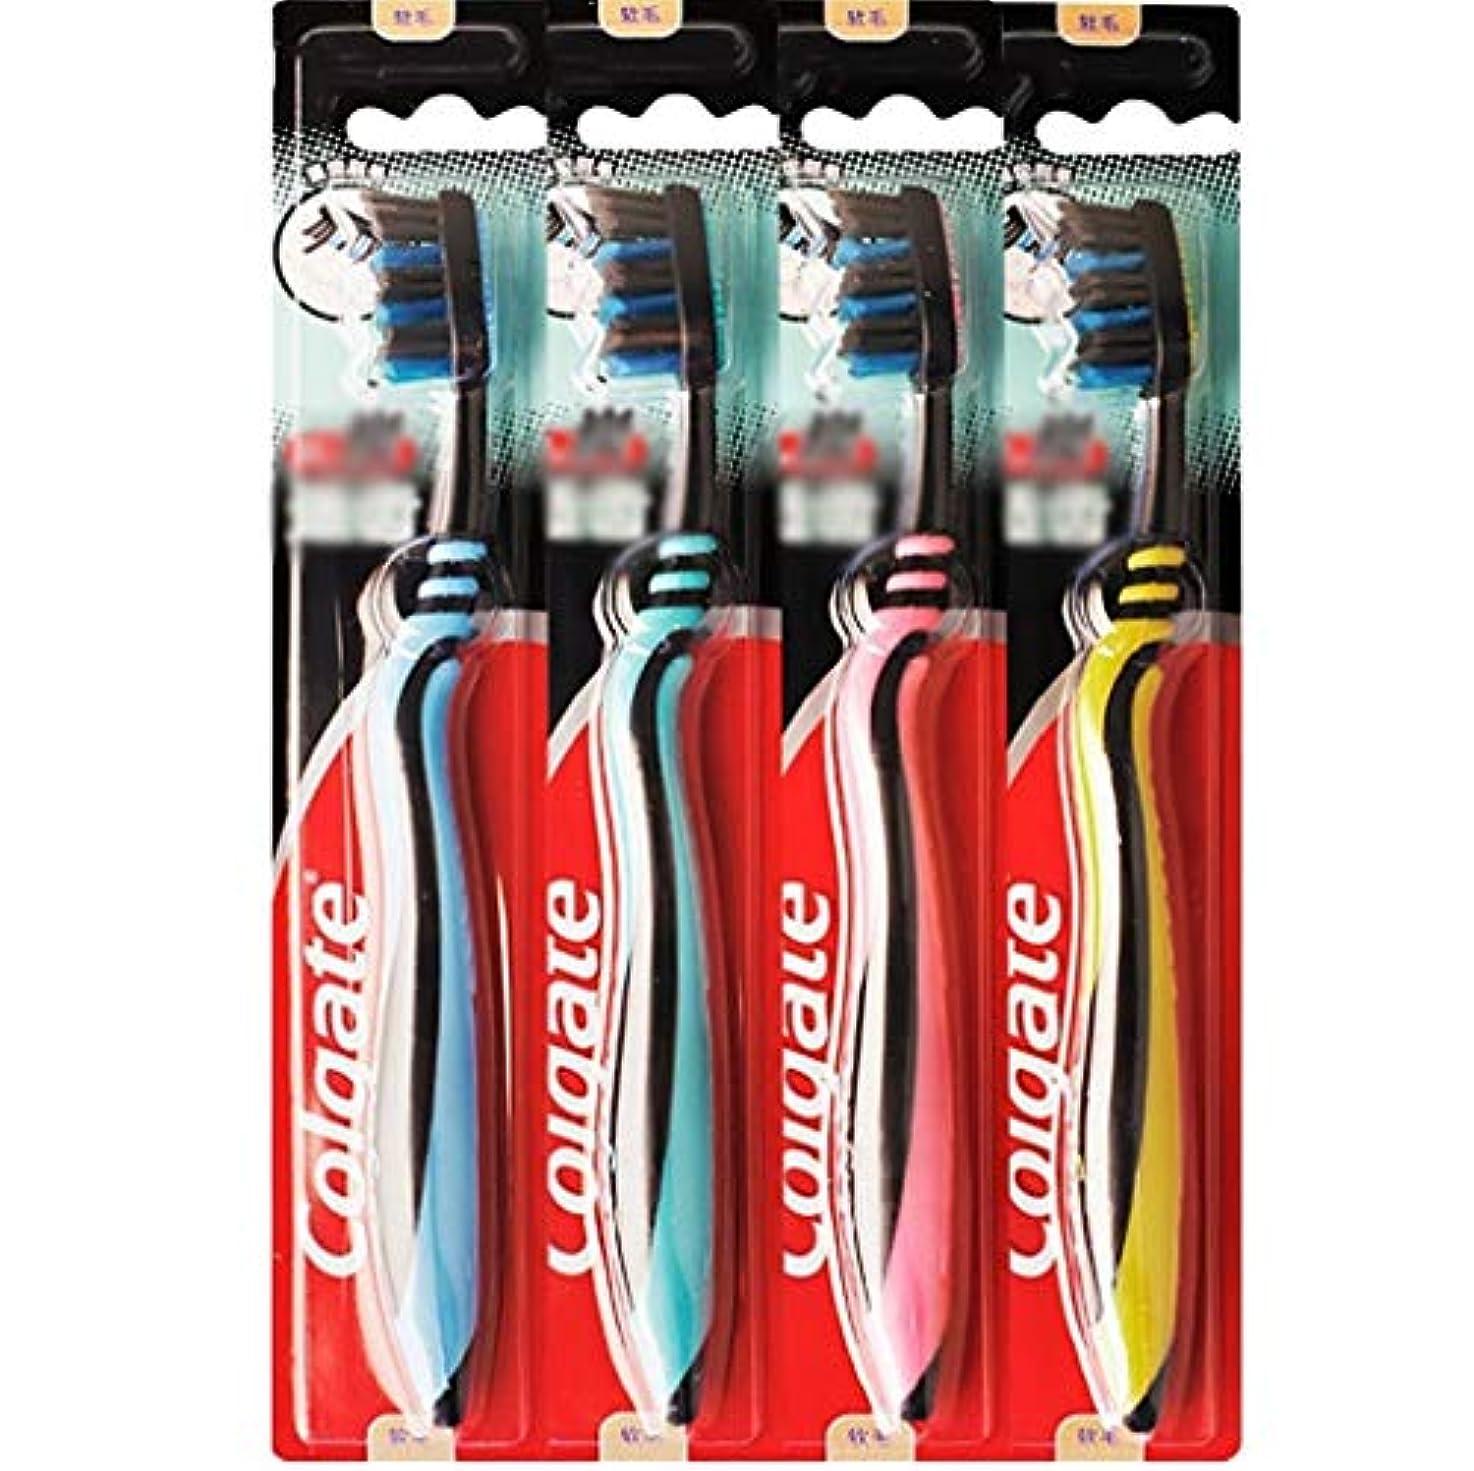 縮約地図酒歯ブラシ 歯の深いクリーニングに適した歯ブラシ、カーボンブラック柔らかい歯ブラシ、4本のスティック HL (色 : A)